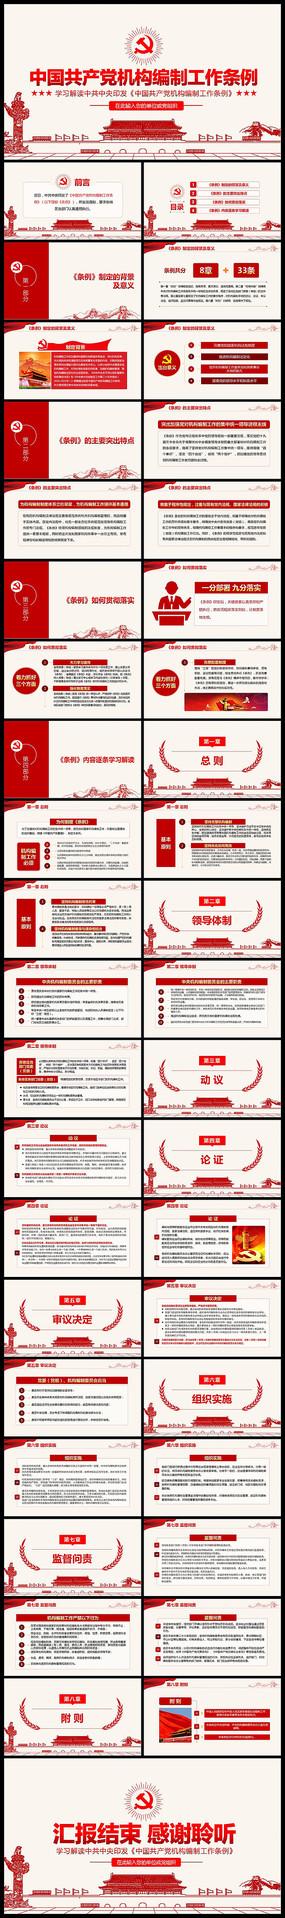 中国共产党机构编制工作条例学习解读PPT